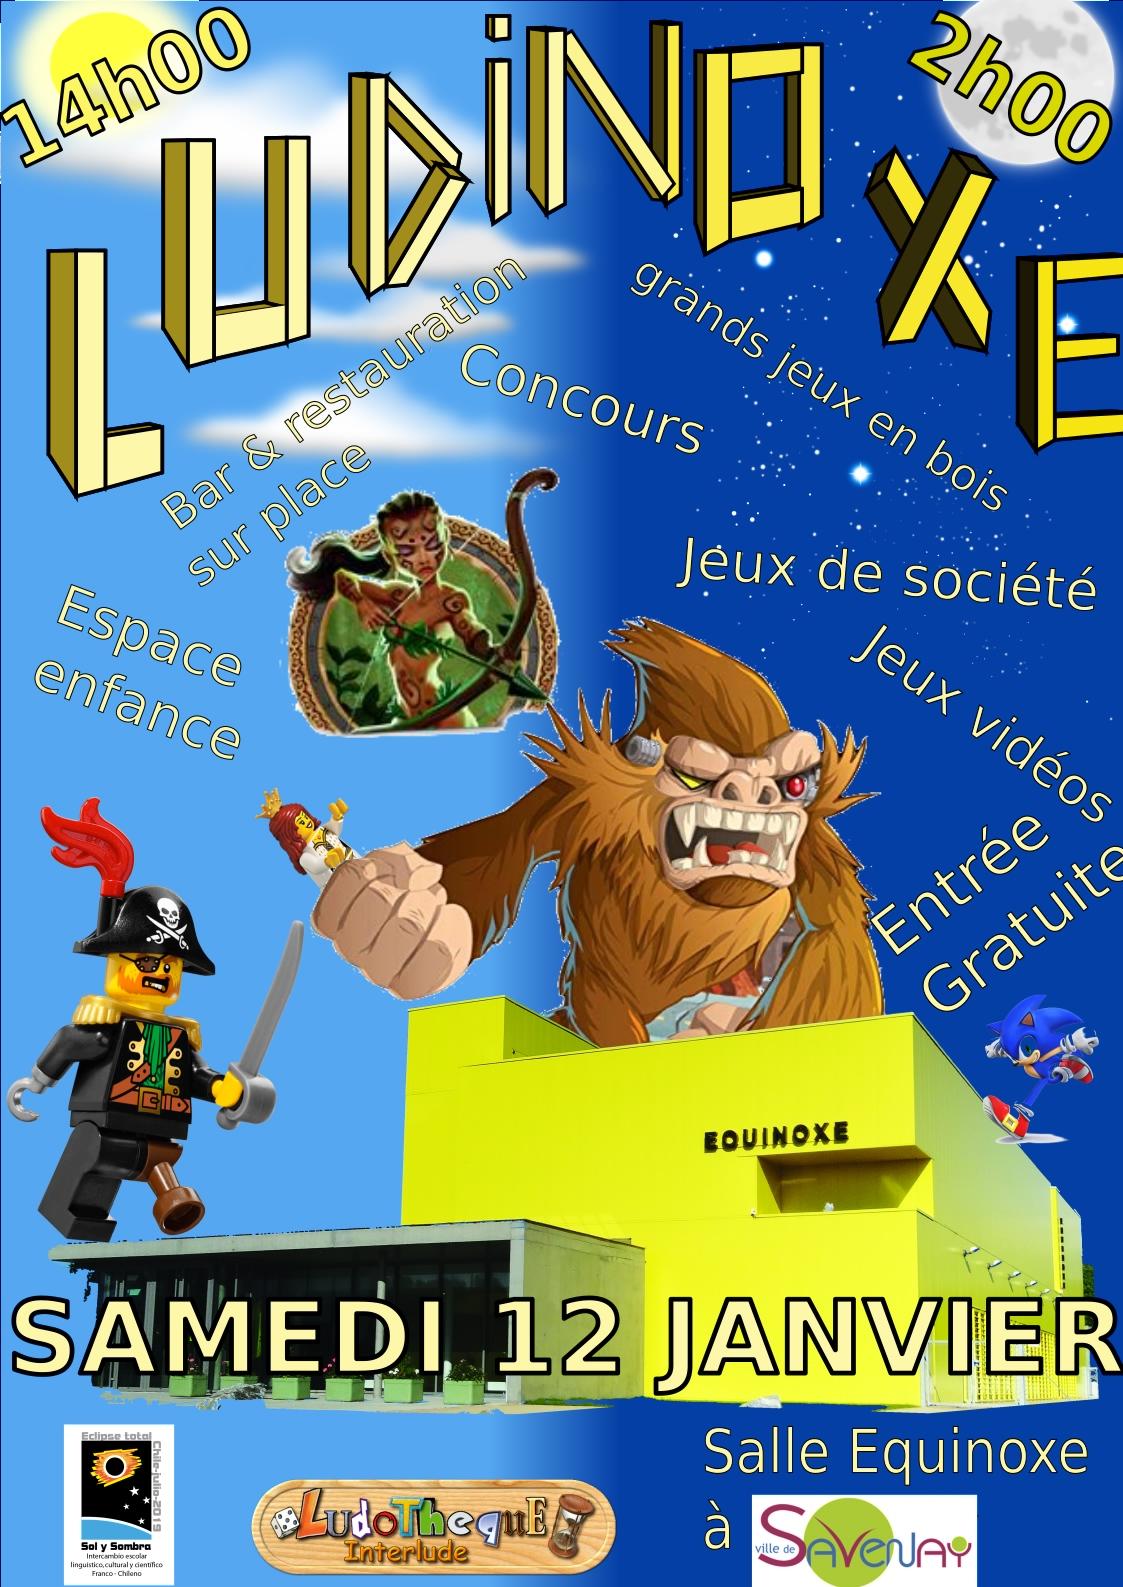 Affiche ludinoxe v4.jpg